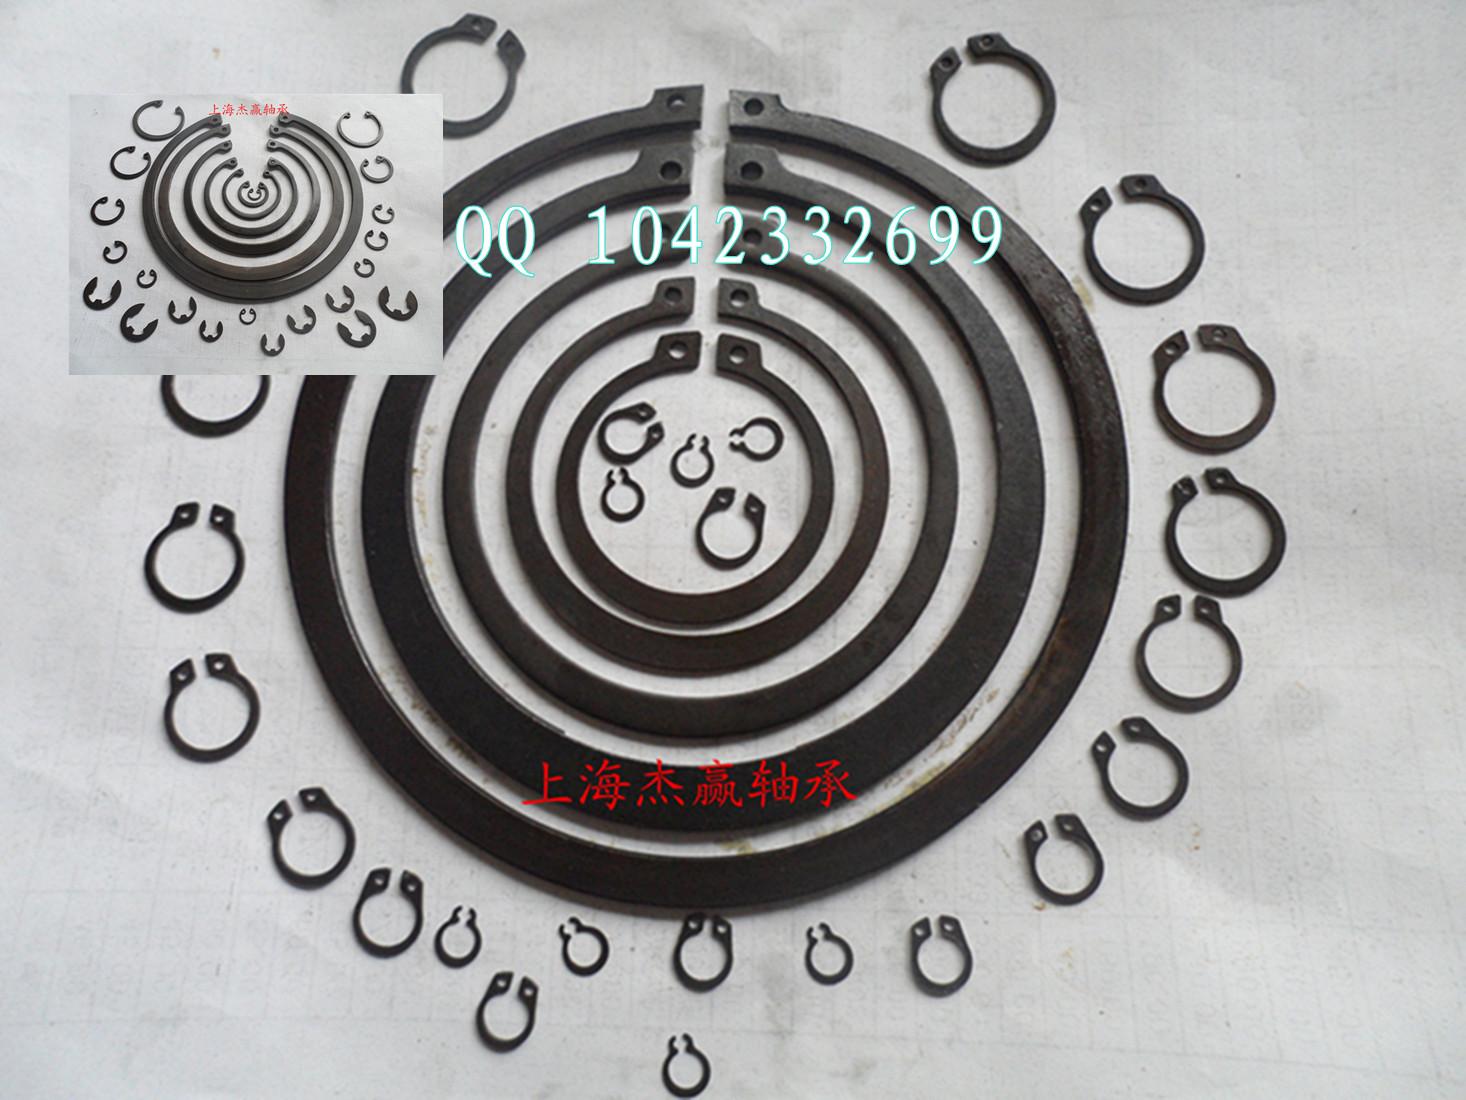 Внешней оси кольца вала карточки стопорное карточки M4 5 6 7 8 9 10 12 13 14 15 16 17 18 20